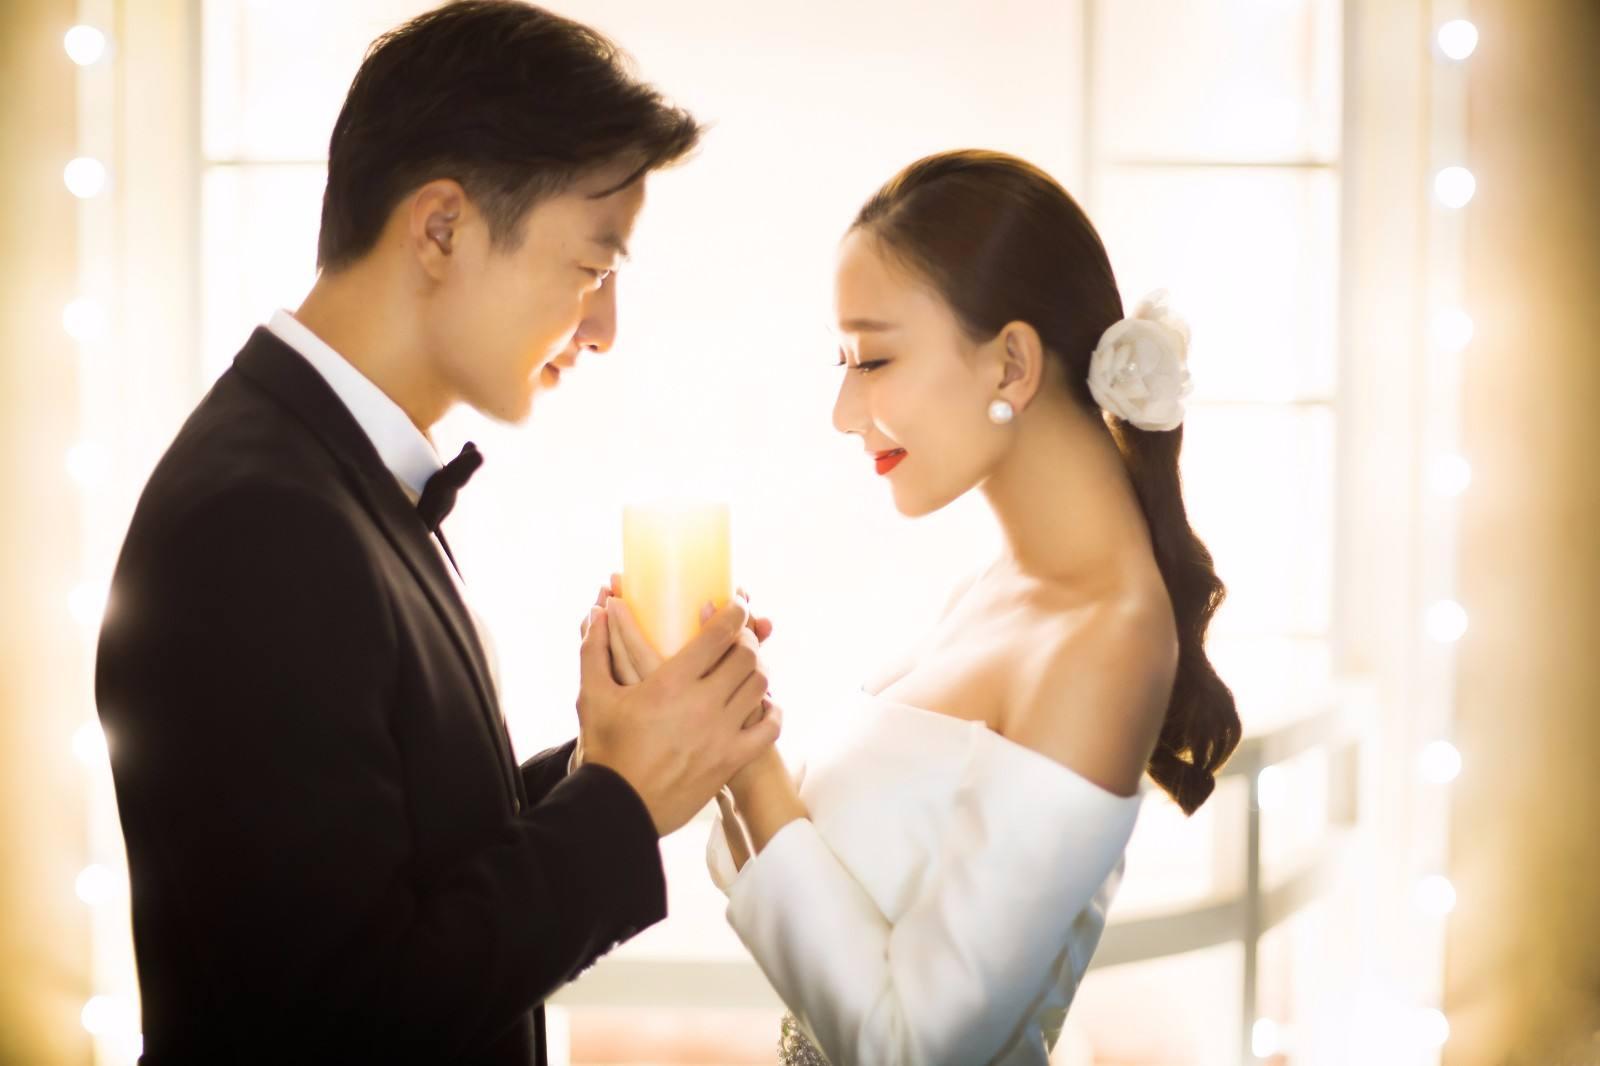 31年中国人婚姻数据:年轻人为啥晚结婚?@身边的青年